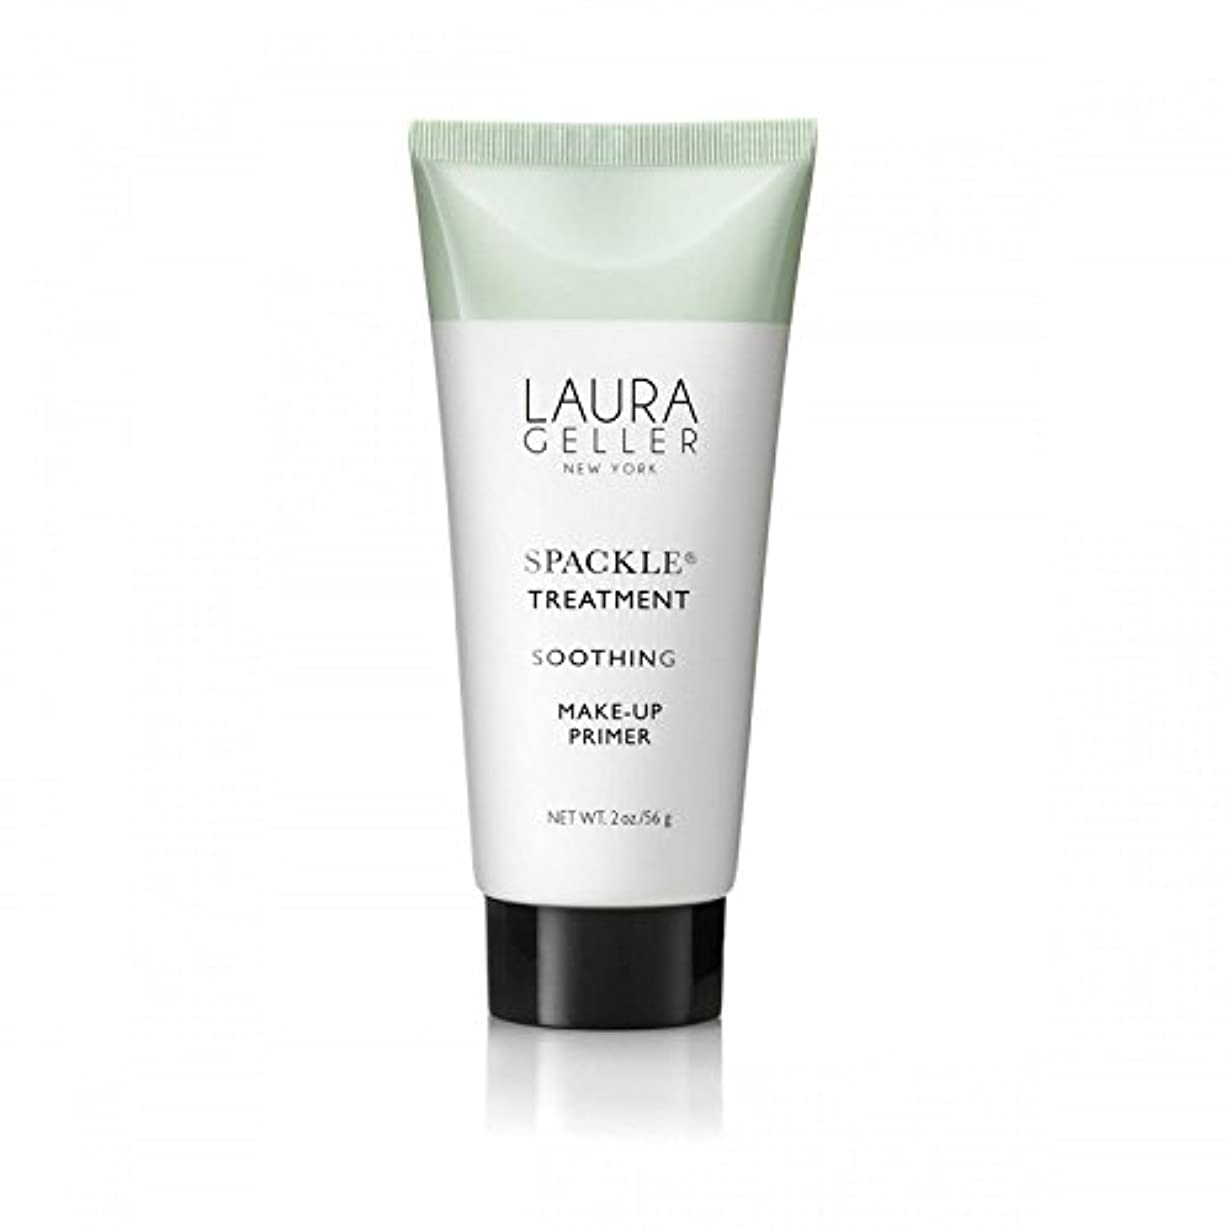 シャンプーメンタータップLaura Geller Spackle Treatment Under Make-Up Primer Soothing - メイクアッププライマー癒しの下のローラ?ゲラー 処理 [並行輸入品]